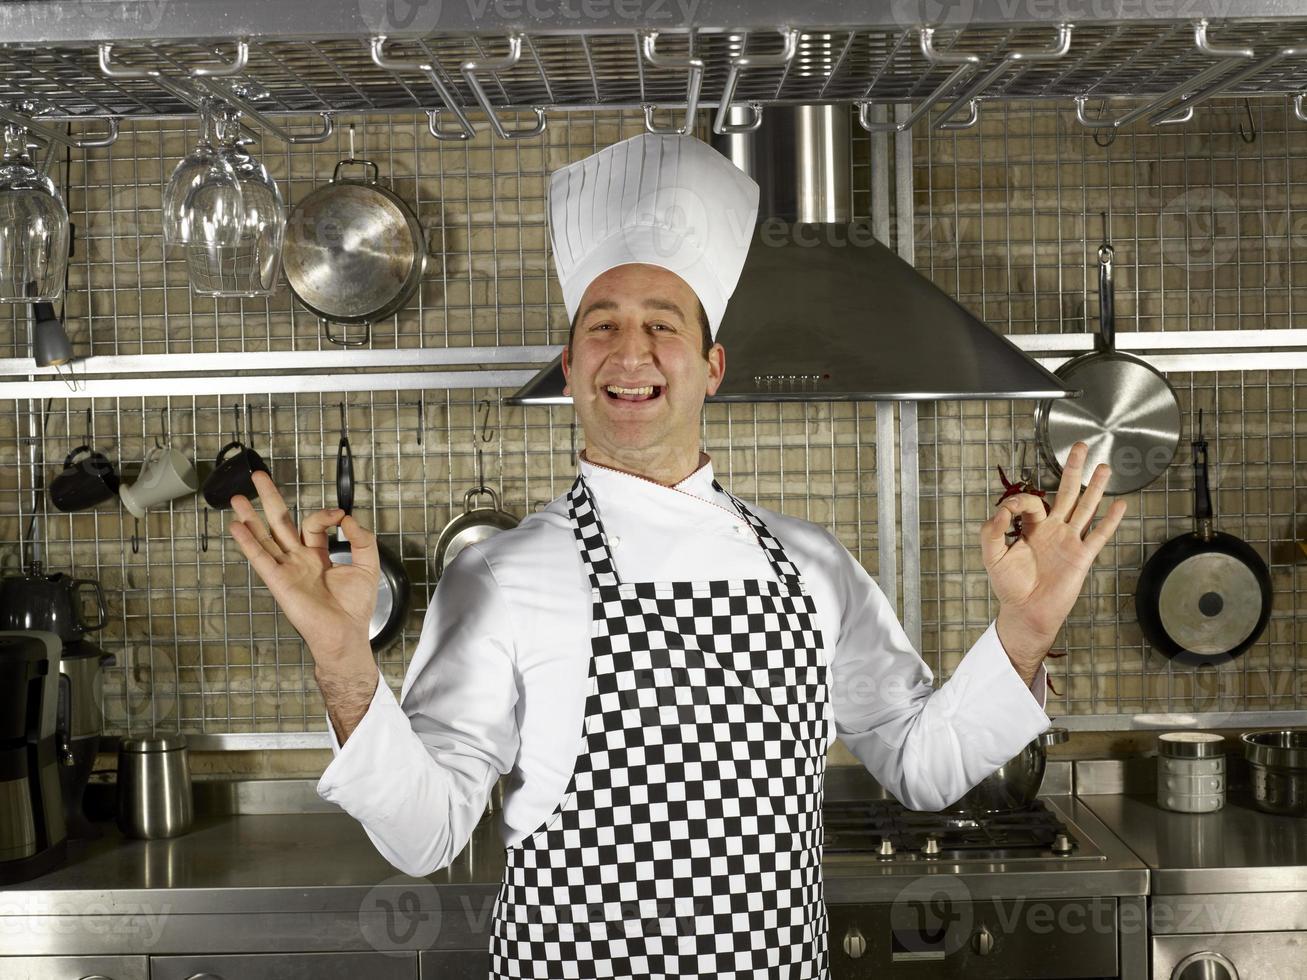 retrato do chef foto